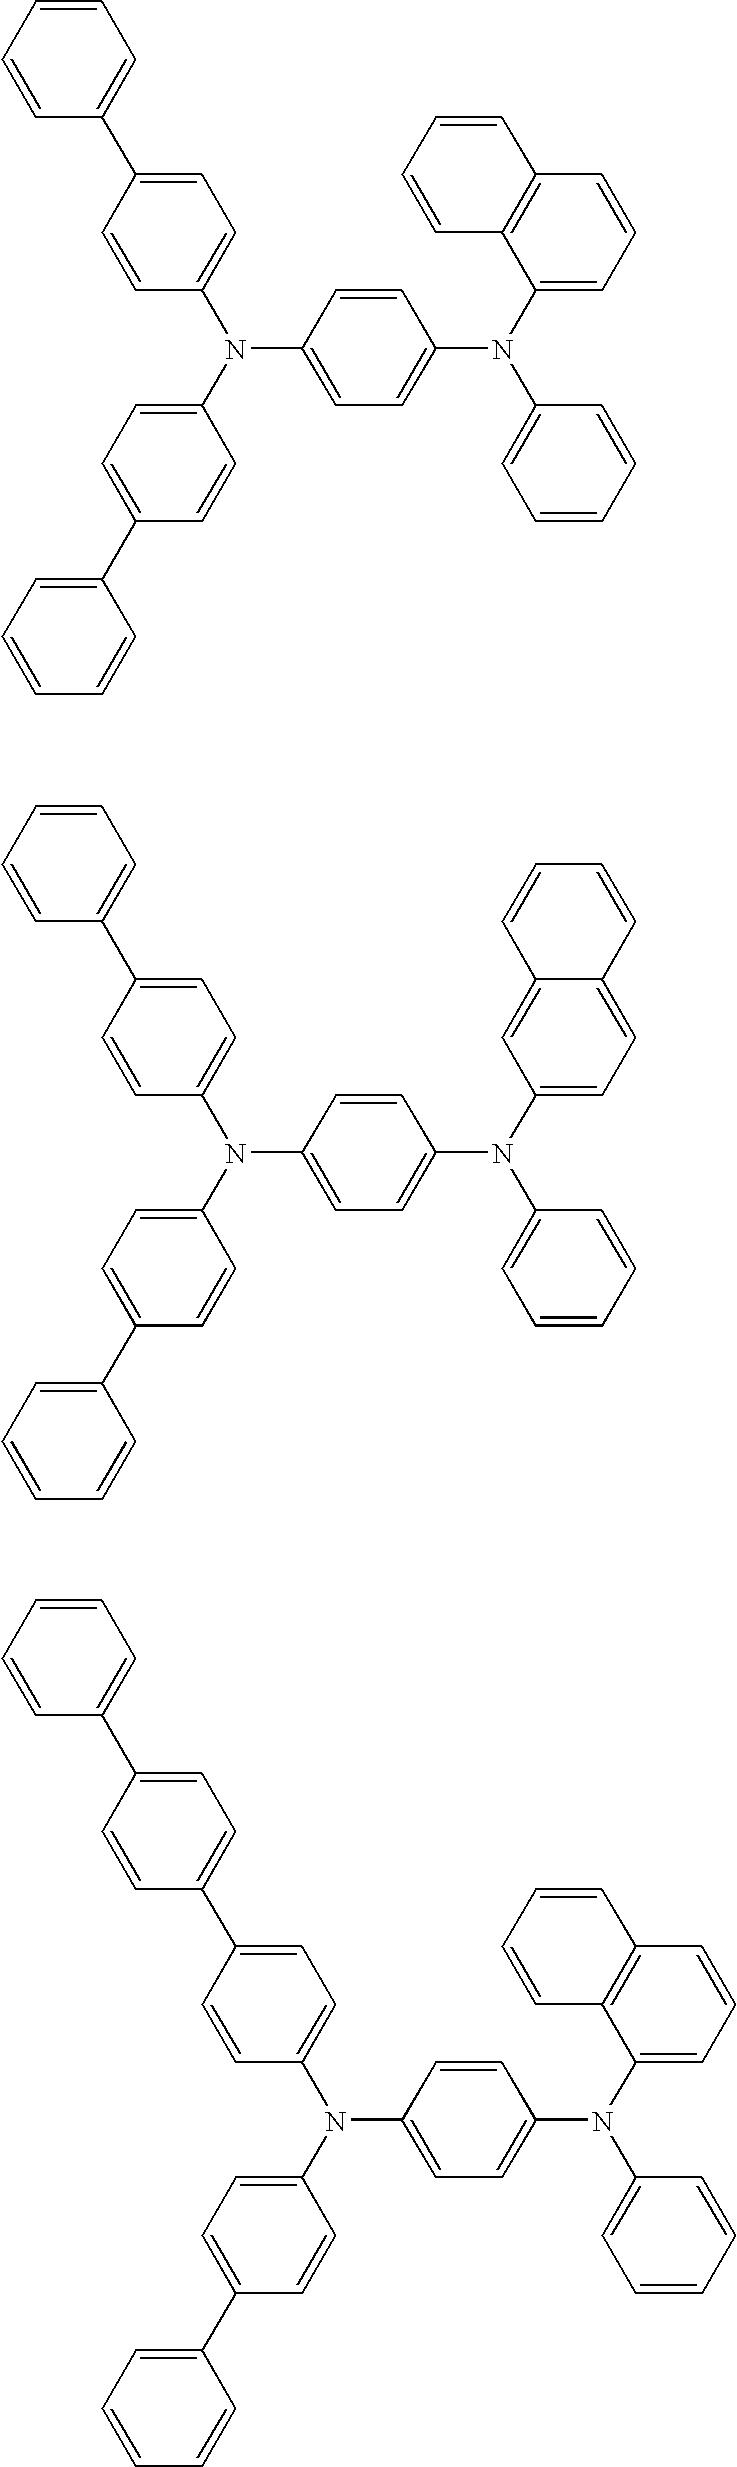 Figure US08154195-20120410-C00676